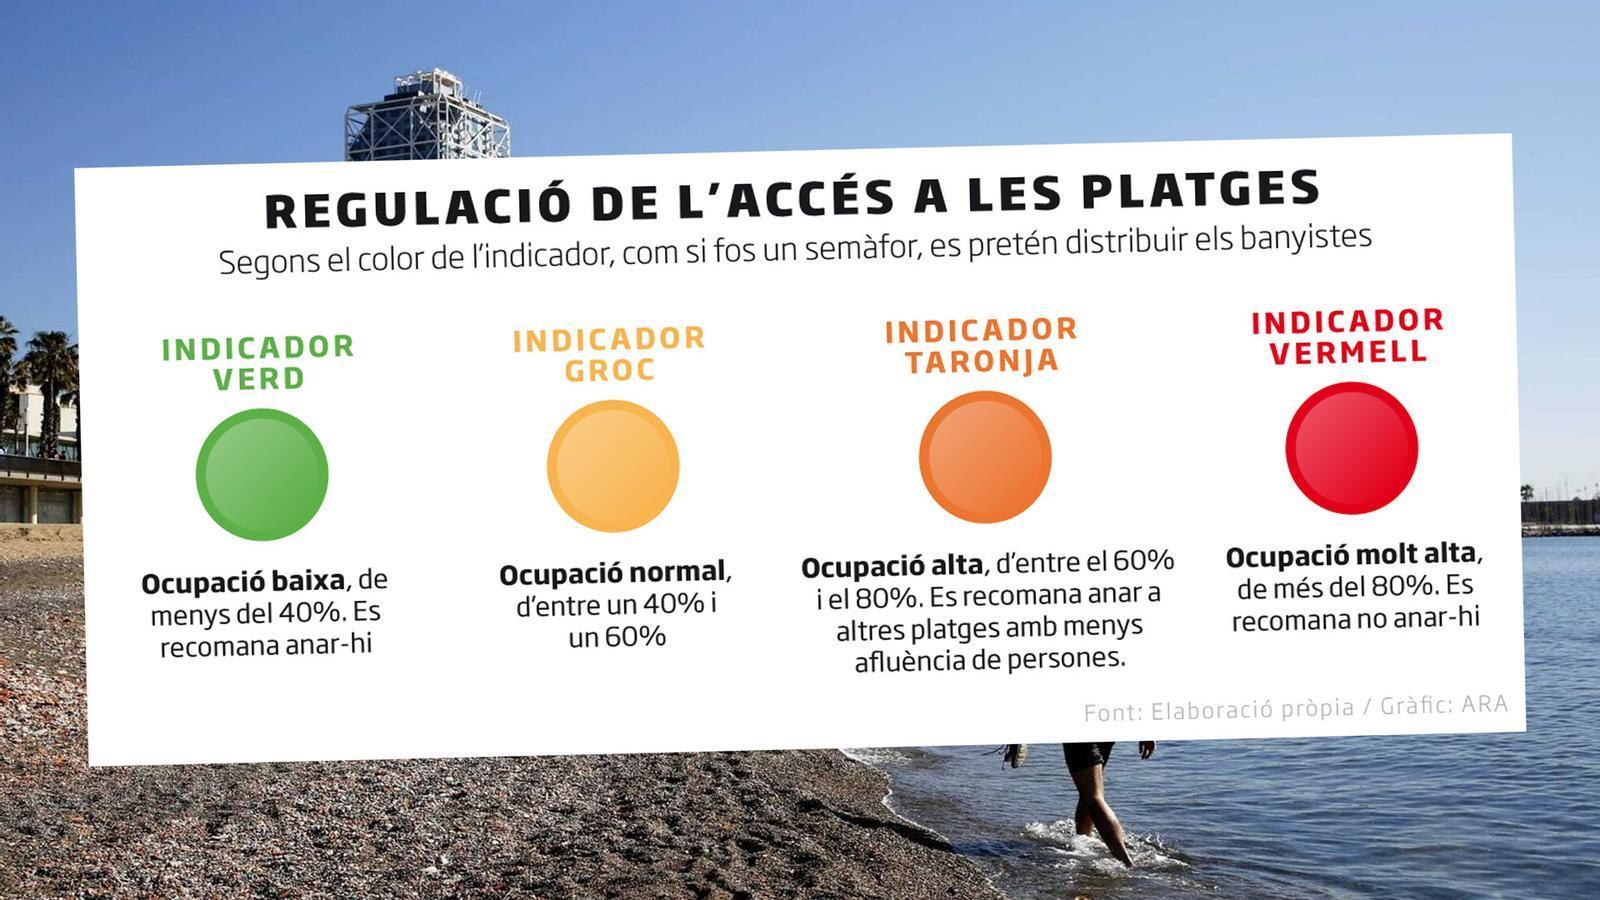 Codis de colors per anar a la platja de Barcelona a partir de dilluns i el BCE compra 600.000 milions més de deute: les claus del vespre amb Antoni Bassas (04/06/2020)